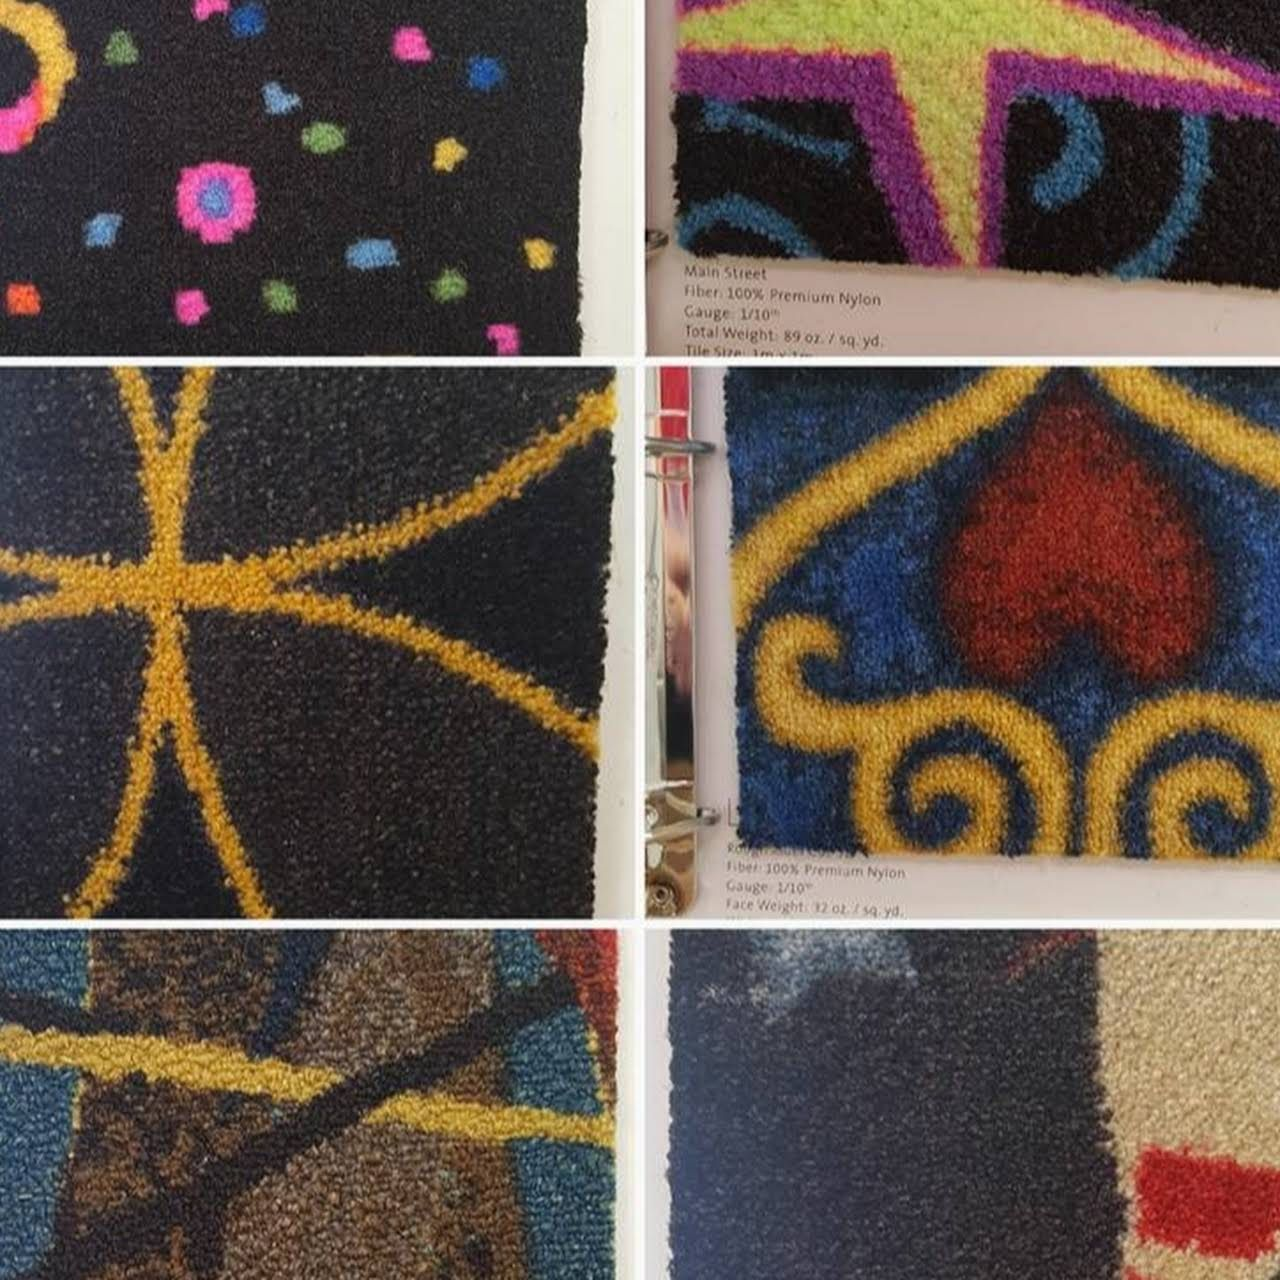 Pin By Larosa Carpet On Http Larosacarpet Business Site Carpet Carpet Remnants Kids Rugs